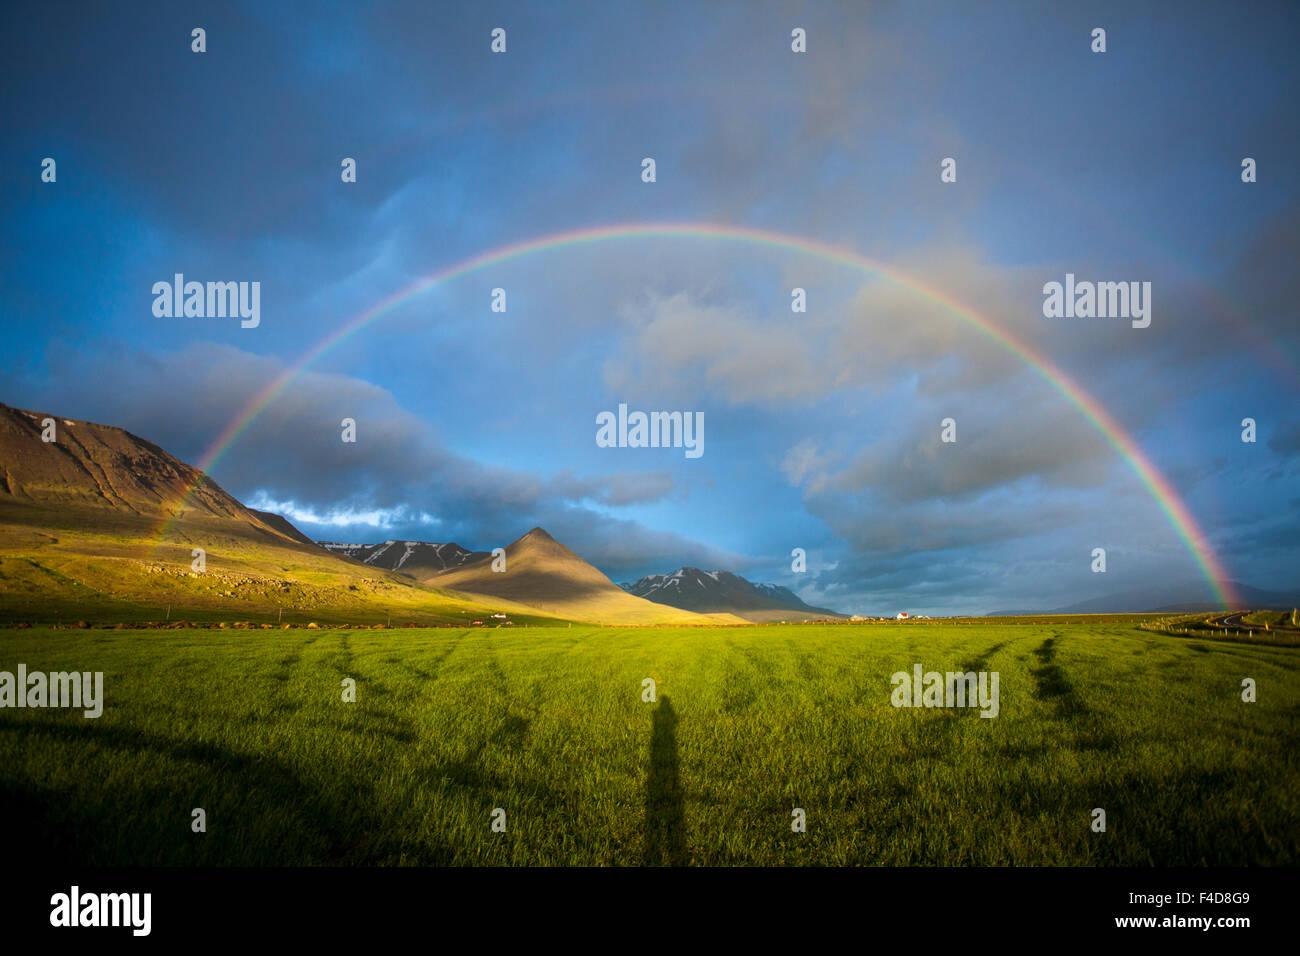 Abend-Regenbogen über das Heradsvotn-Tal, Skagafordur, Nordhurland Vestra, Island. Stockbild